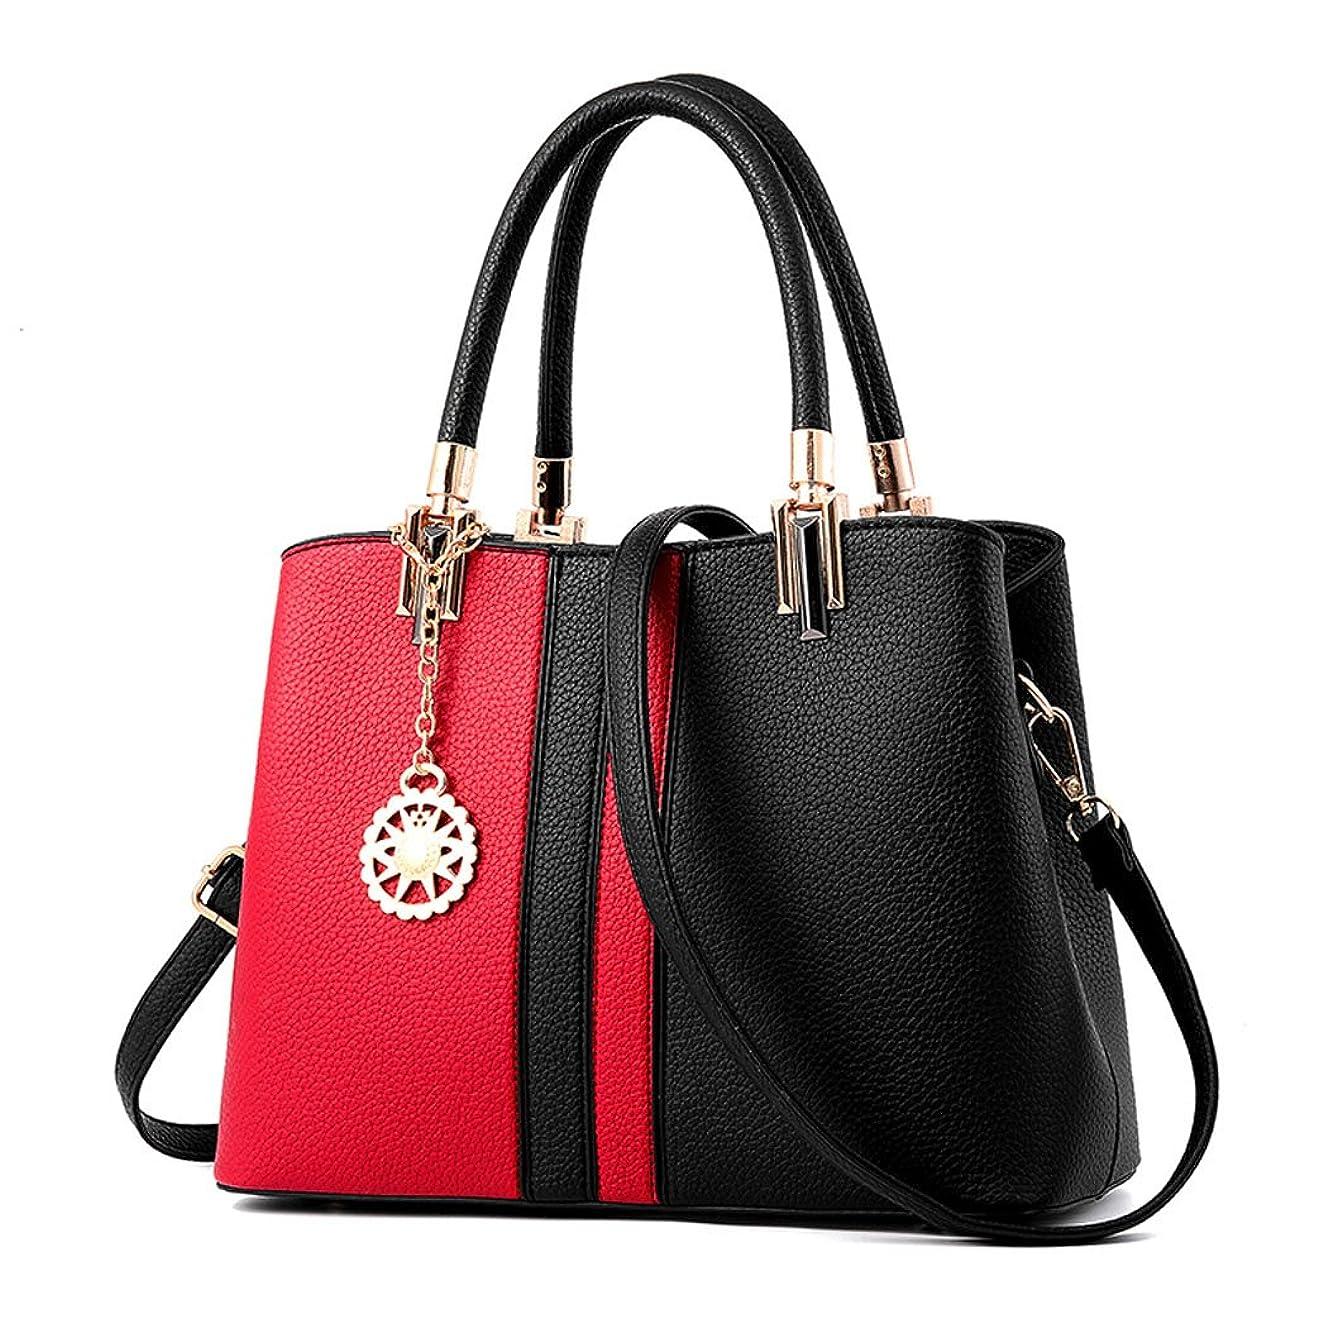 黄ばむ騒ぎティームDOODOO レディース バッグ Shoulder Hand Bag for Women ハンド ショルダー PUレザー 肩掛け ミニ 斜めかけ トート